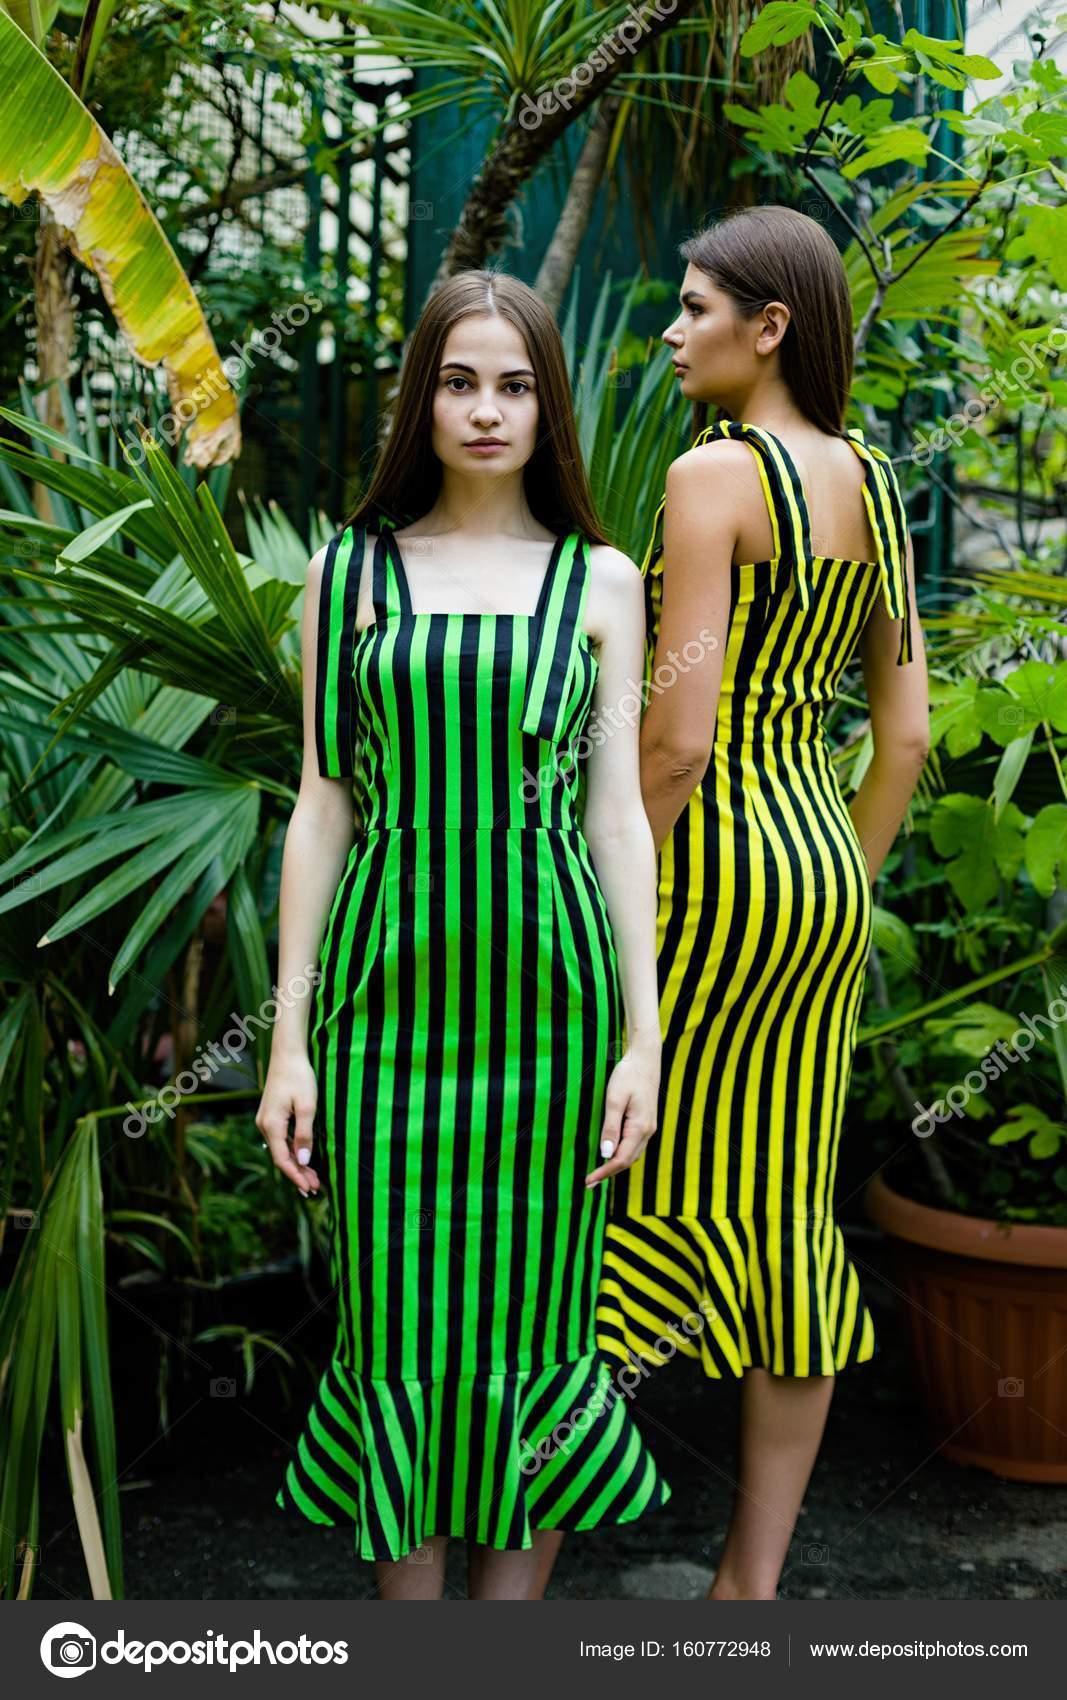 Mujeres Jóvenes En Elegantes Vestidos De Rayas Foto De